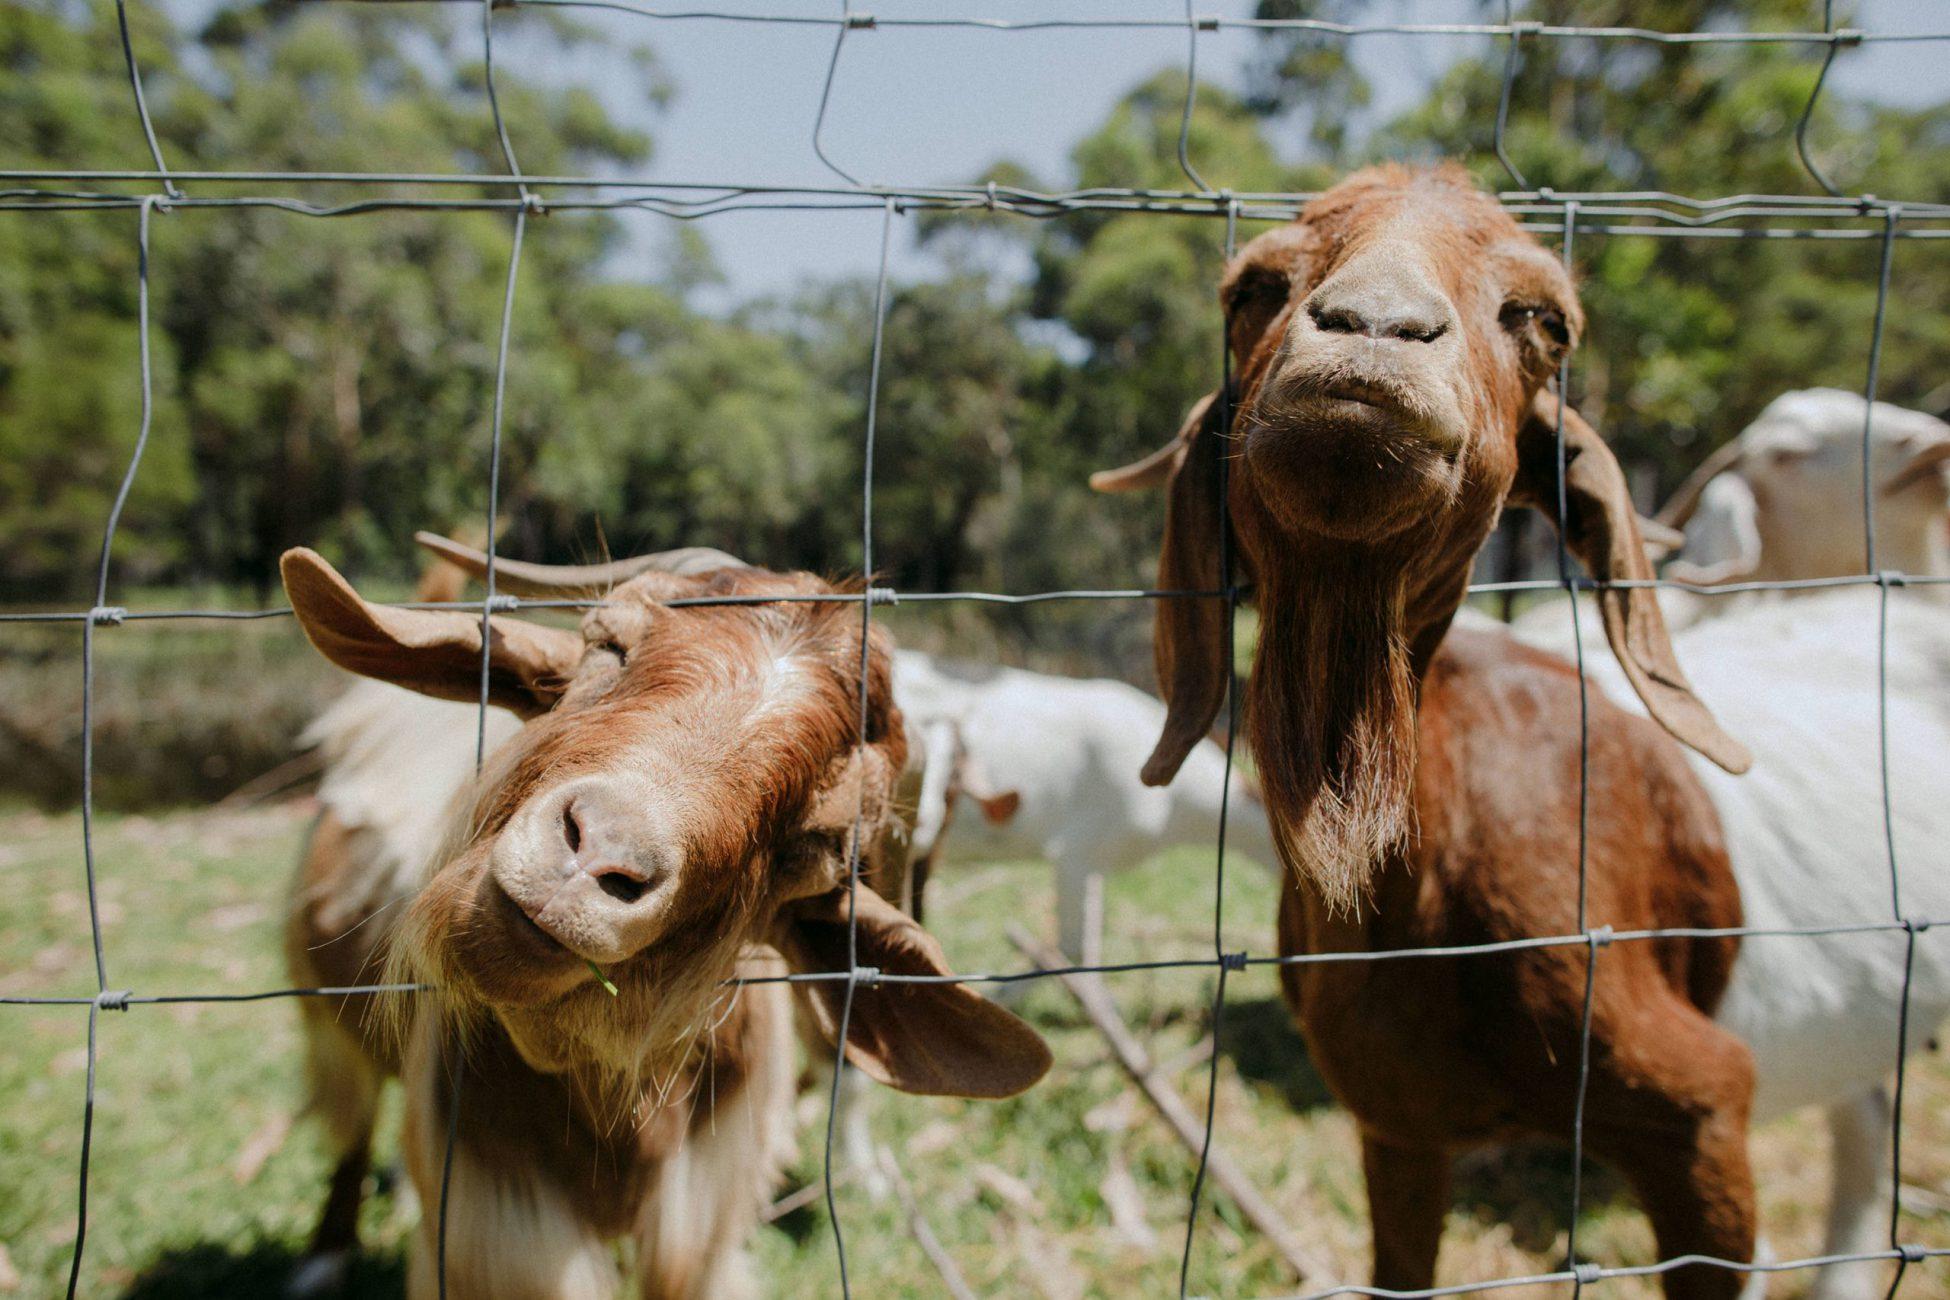 South Coast Farm Wedding - cute farm animals at weddings